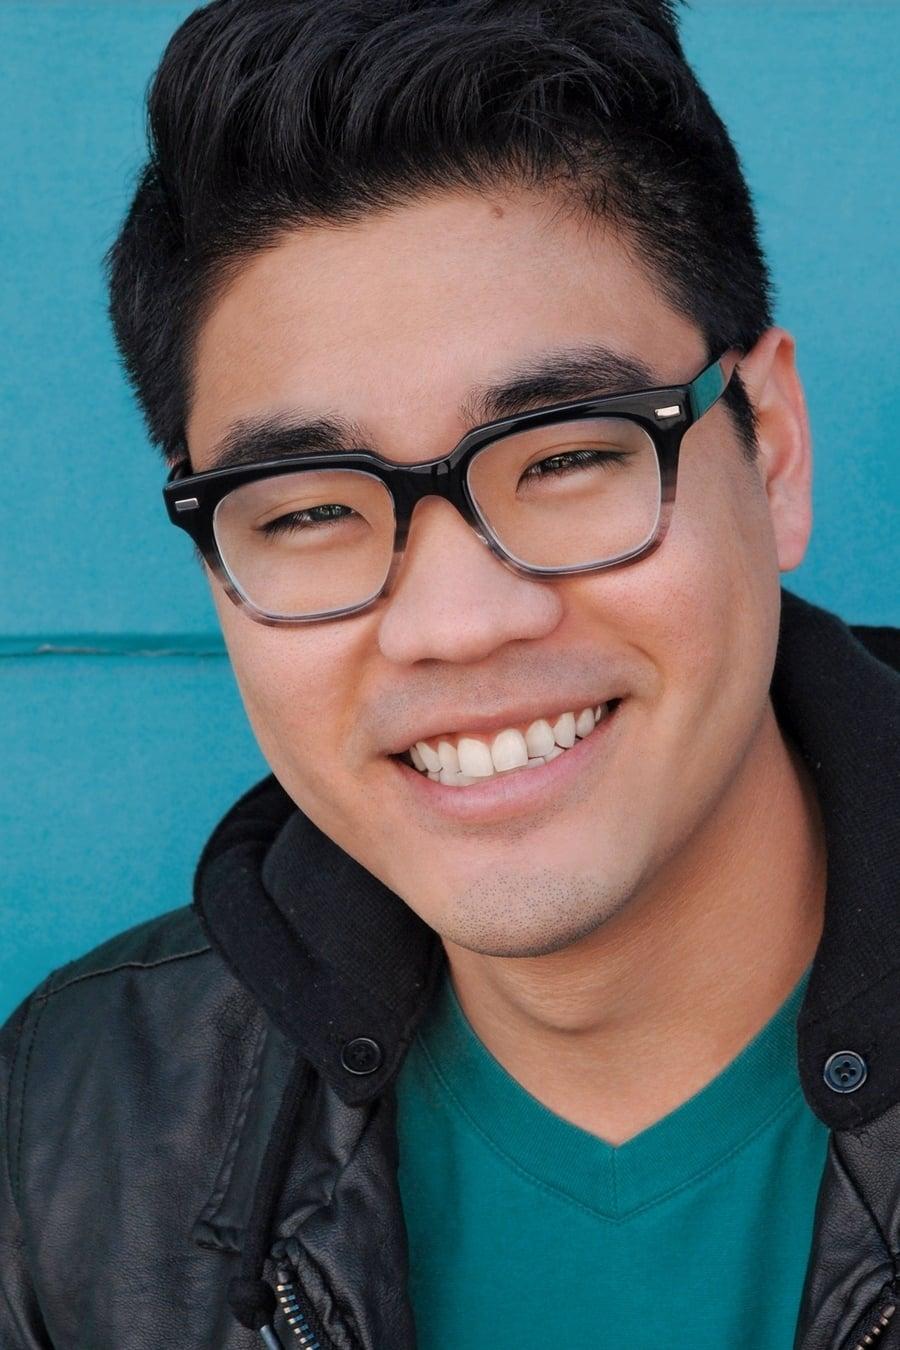 Scott Keiji Takeda